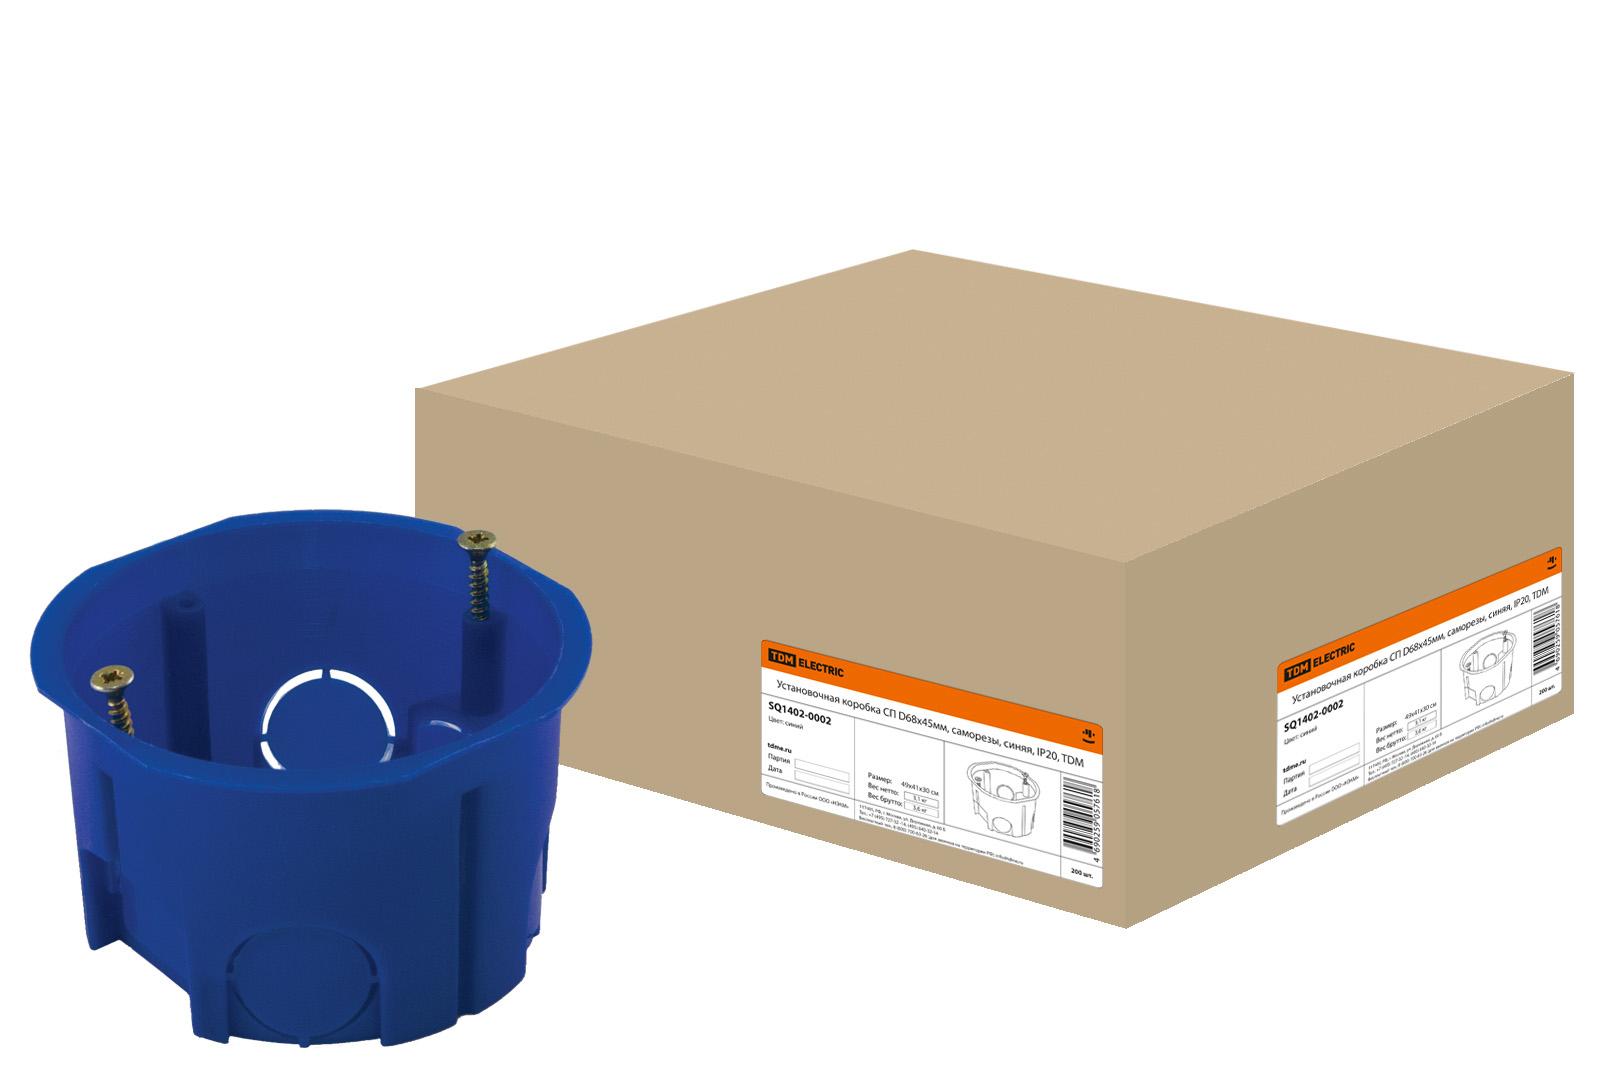 Коробка установочная Tdm Sq1402-0002 розетка tdm sq1804 0113